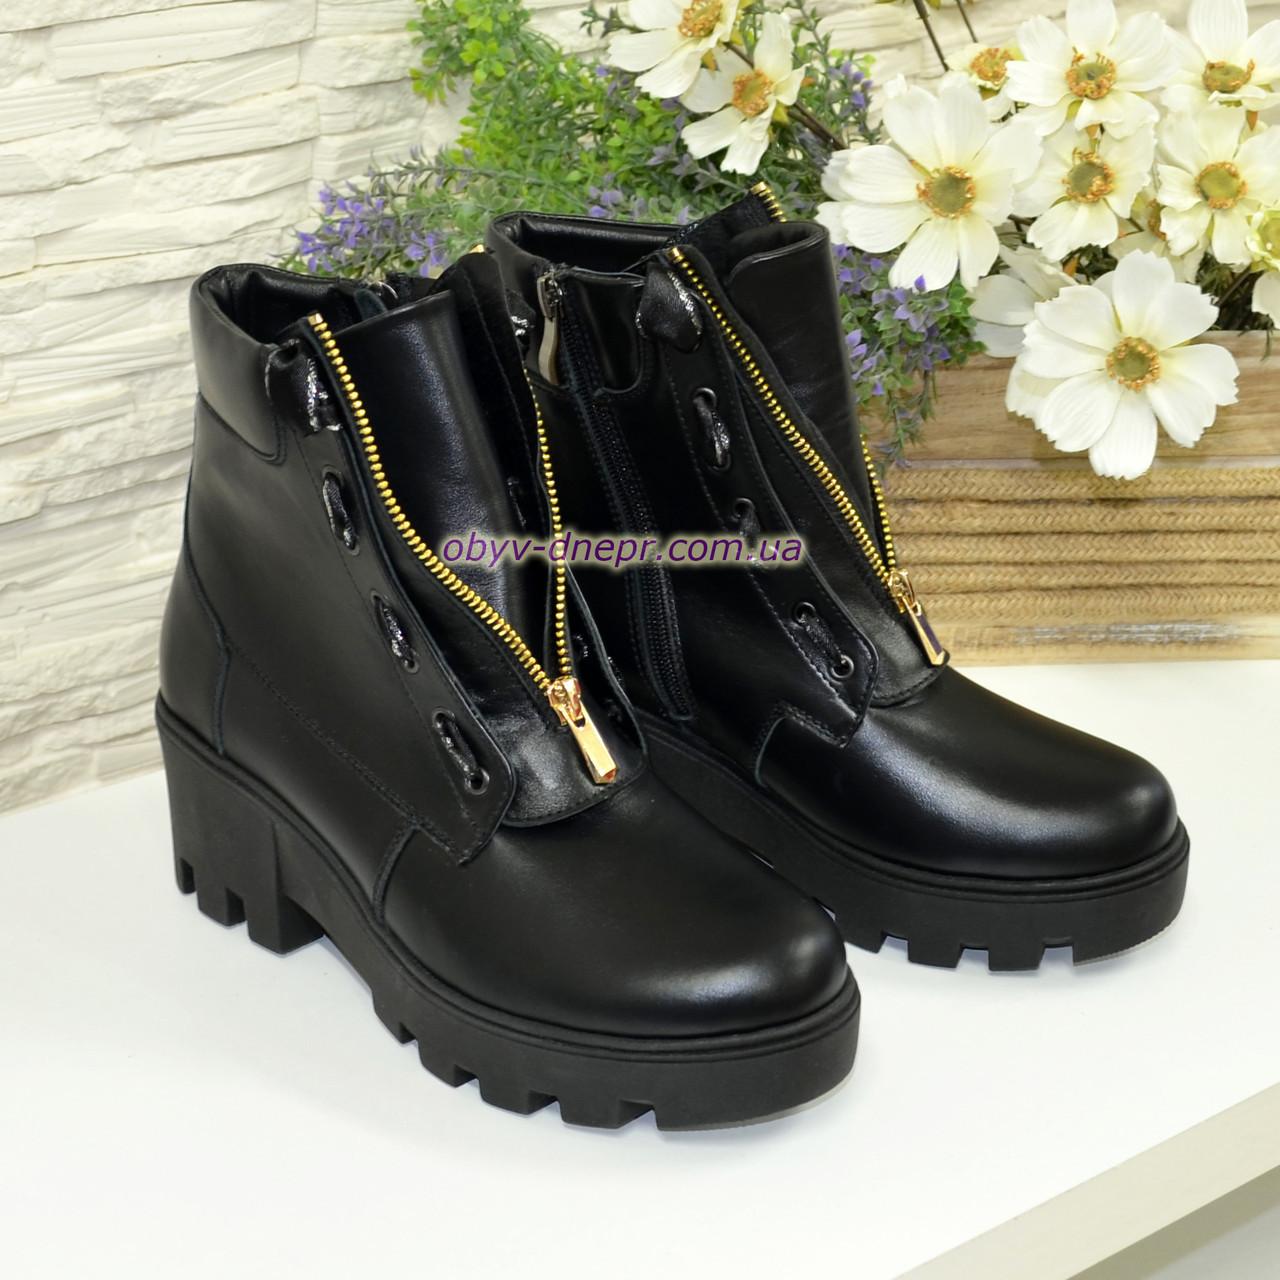 Ботинки черные женские кожаные зимние на тракторной подошве